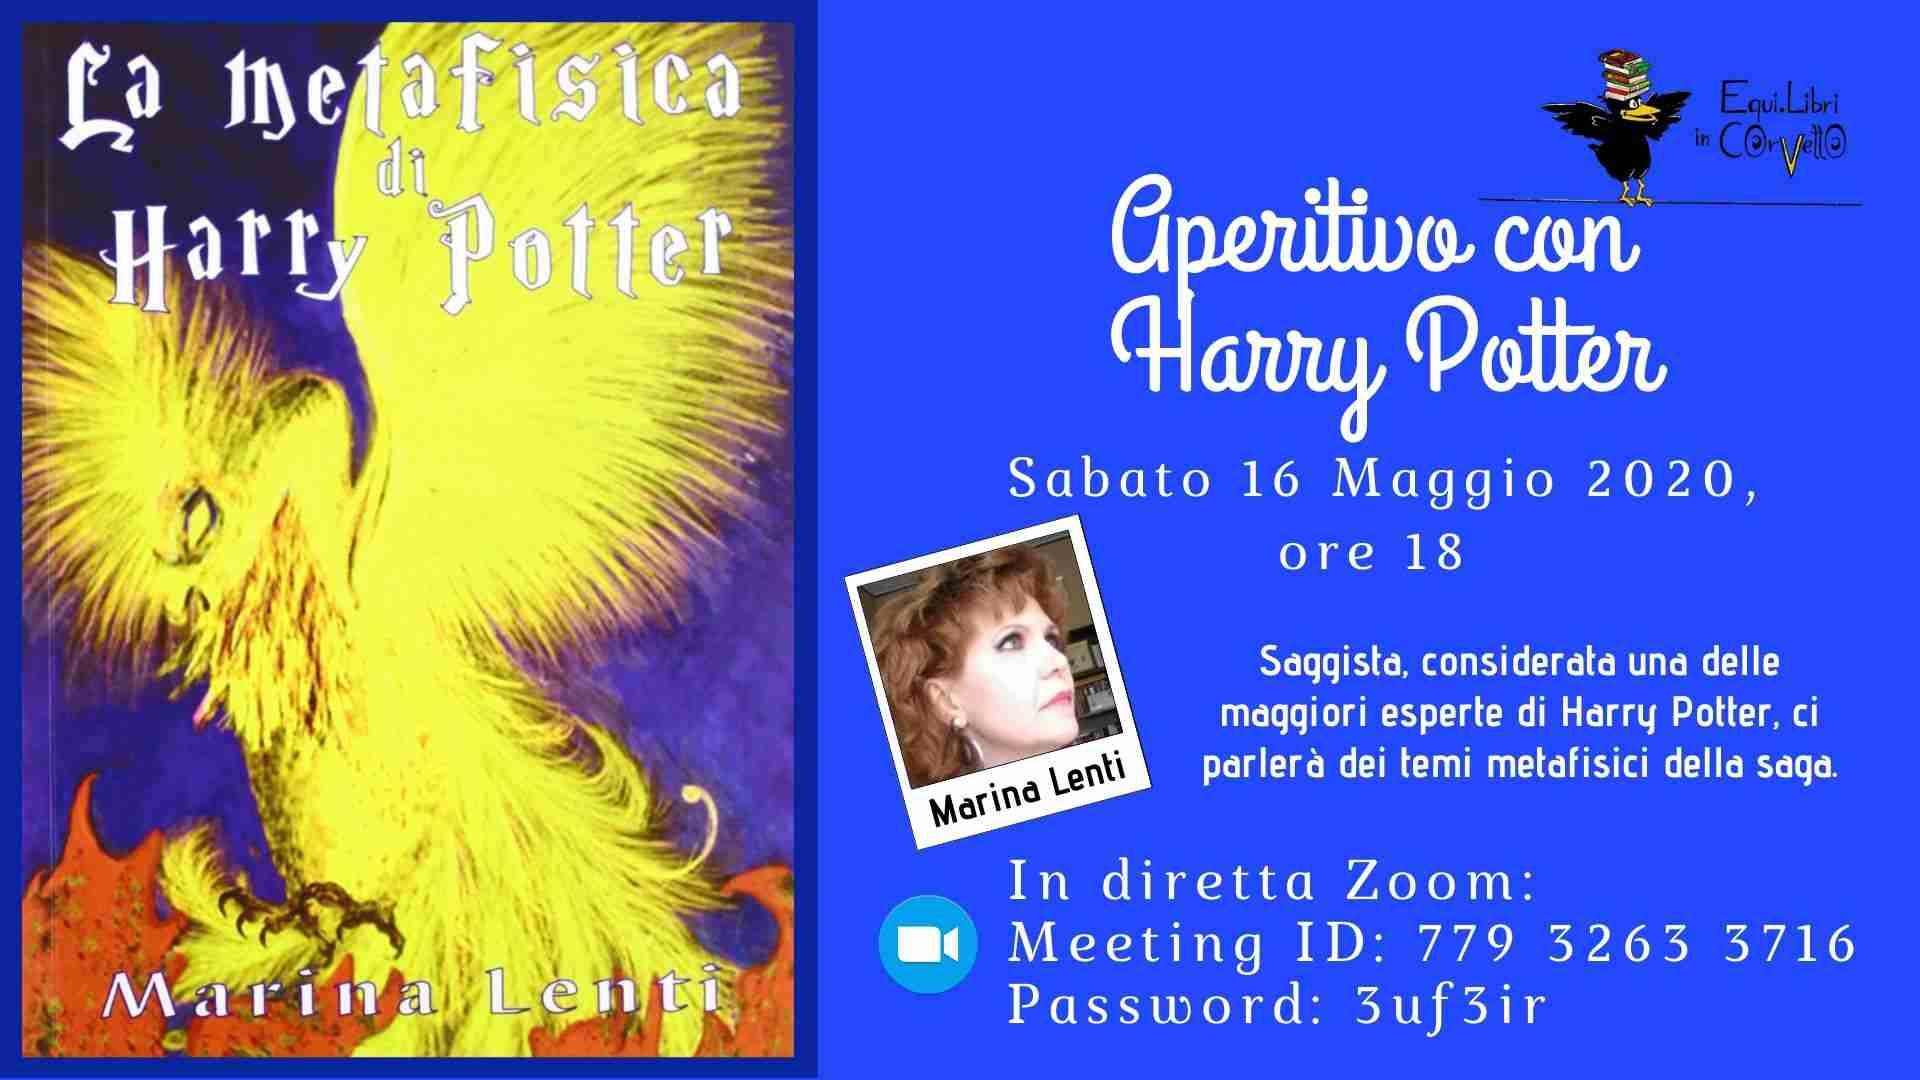 Aperitivo con Harry Potter